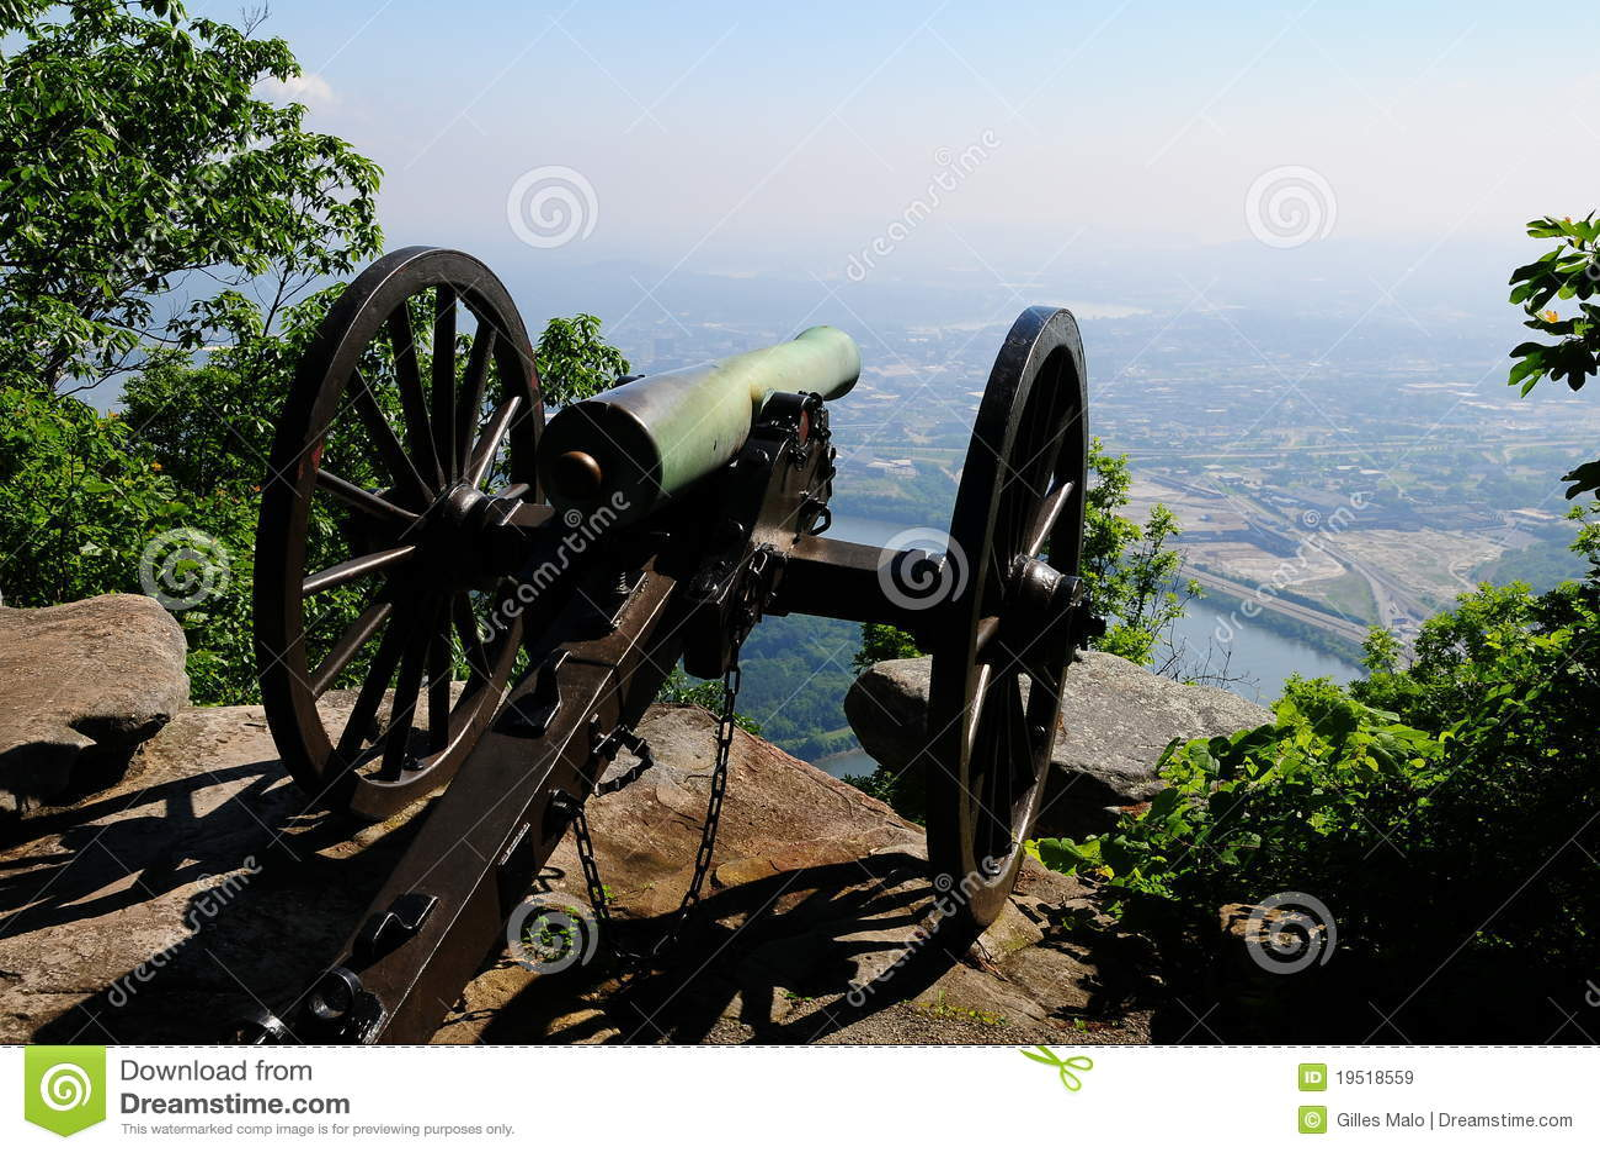 Canon de guerre civile sur le sommet de montagne donnant sur la